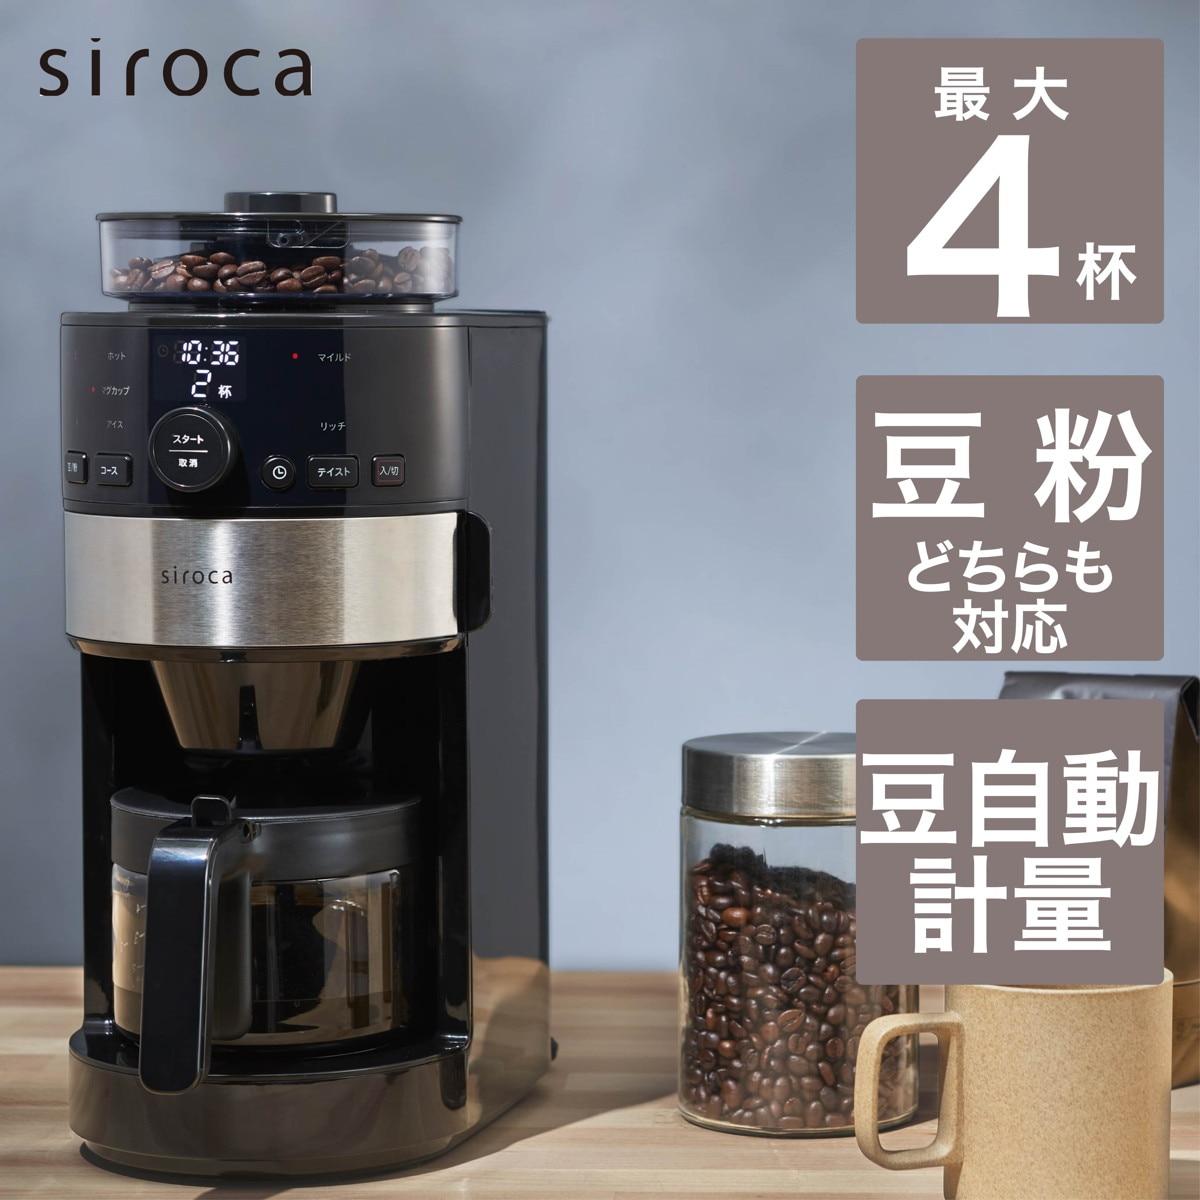 シロカ siroca コーン式全自動コーヒーメーカー SC-C111